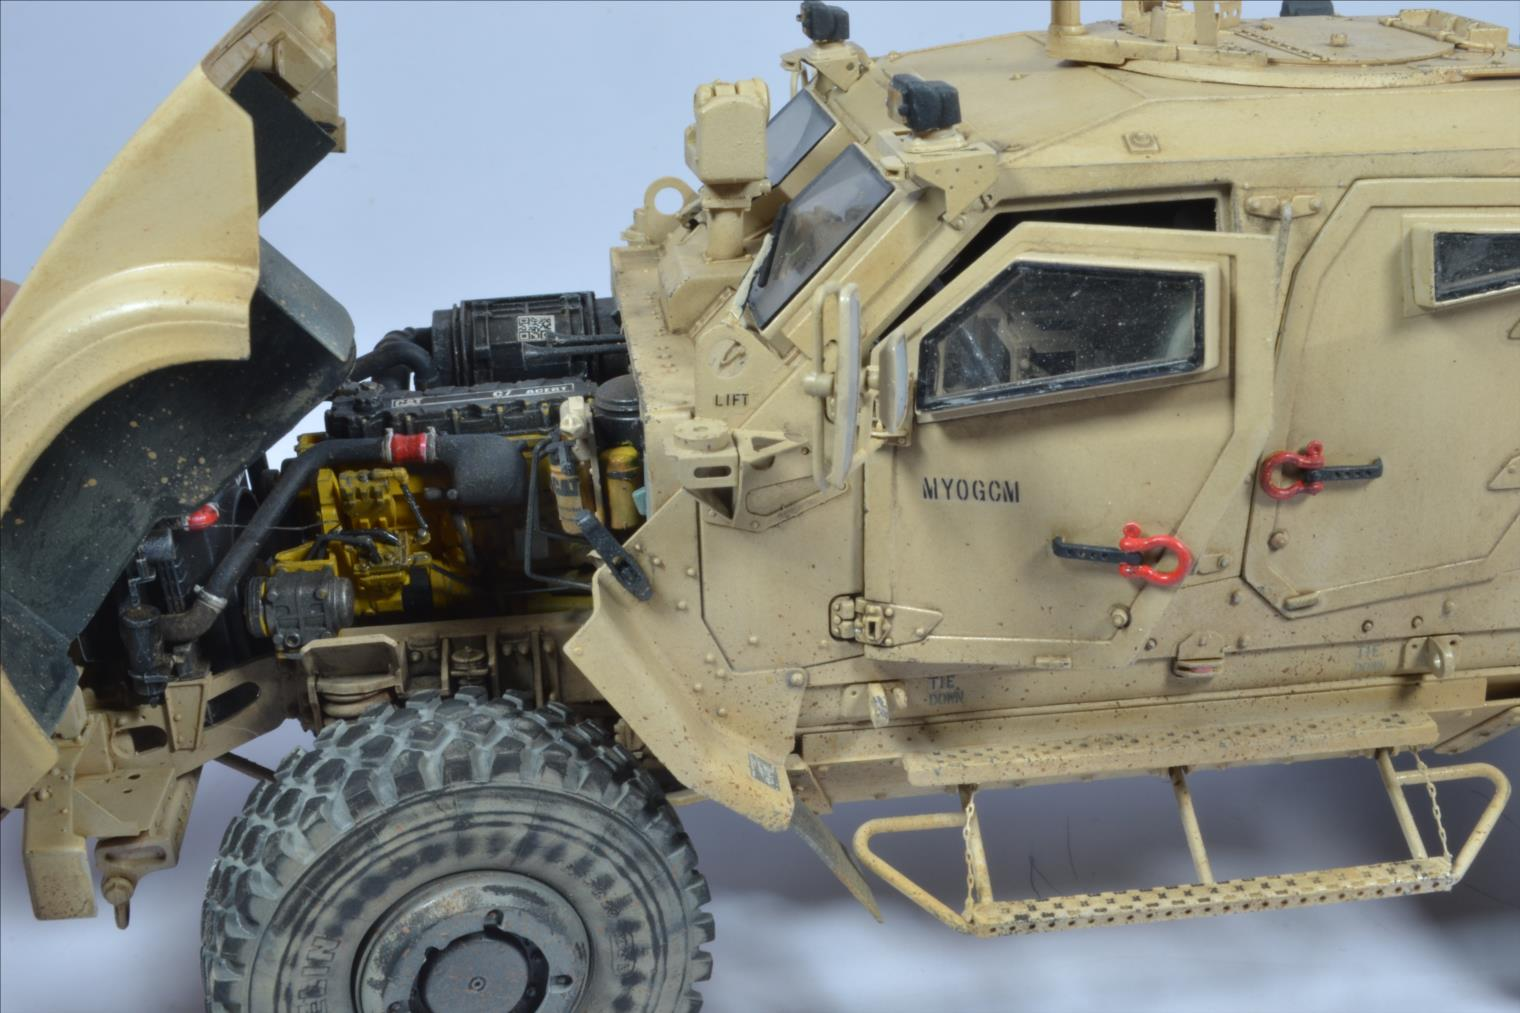 M 1240 A1 M-ATV 1/35 (RFM) - Page 3 20122208503722494217183715